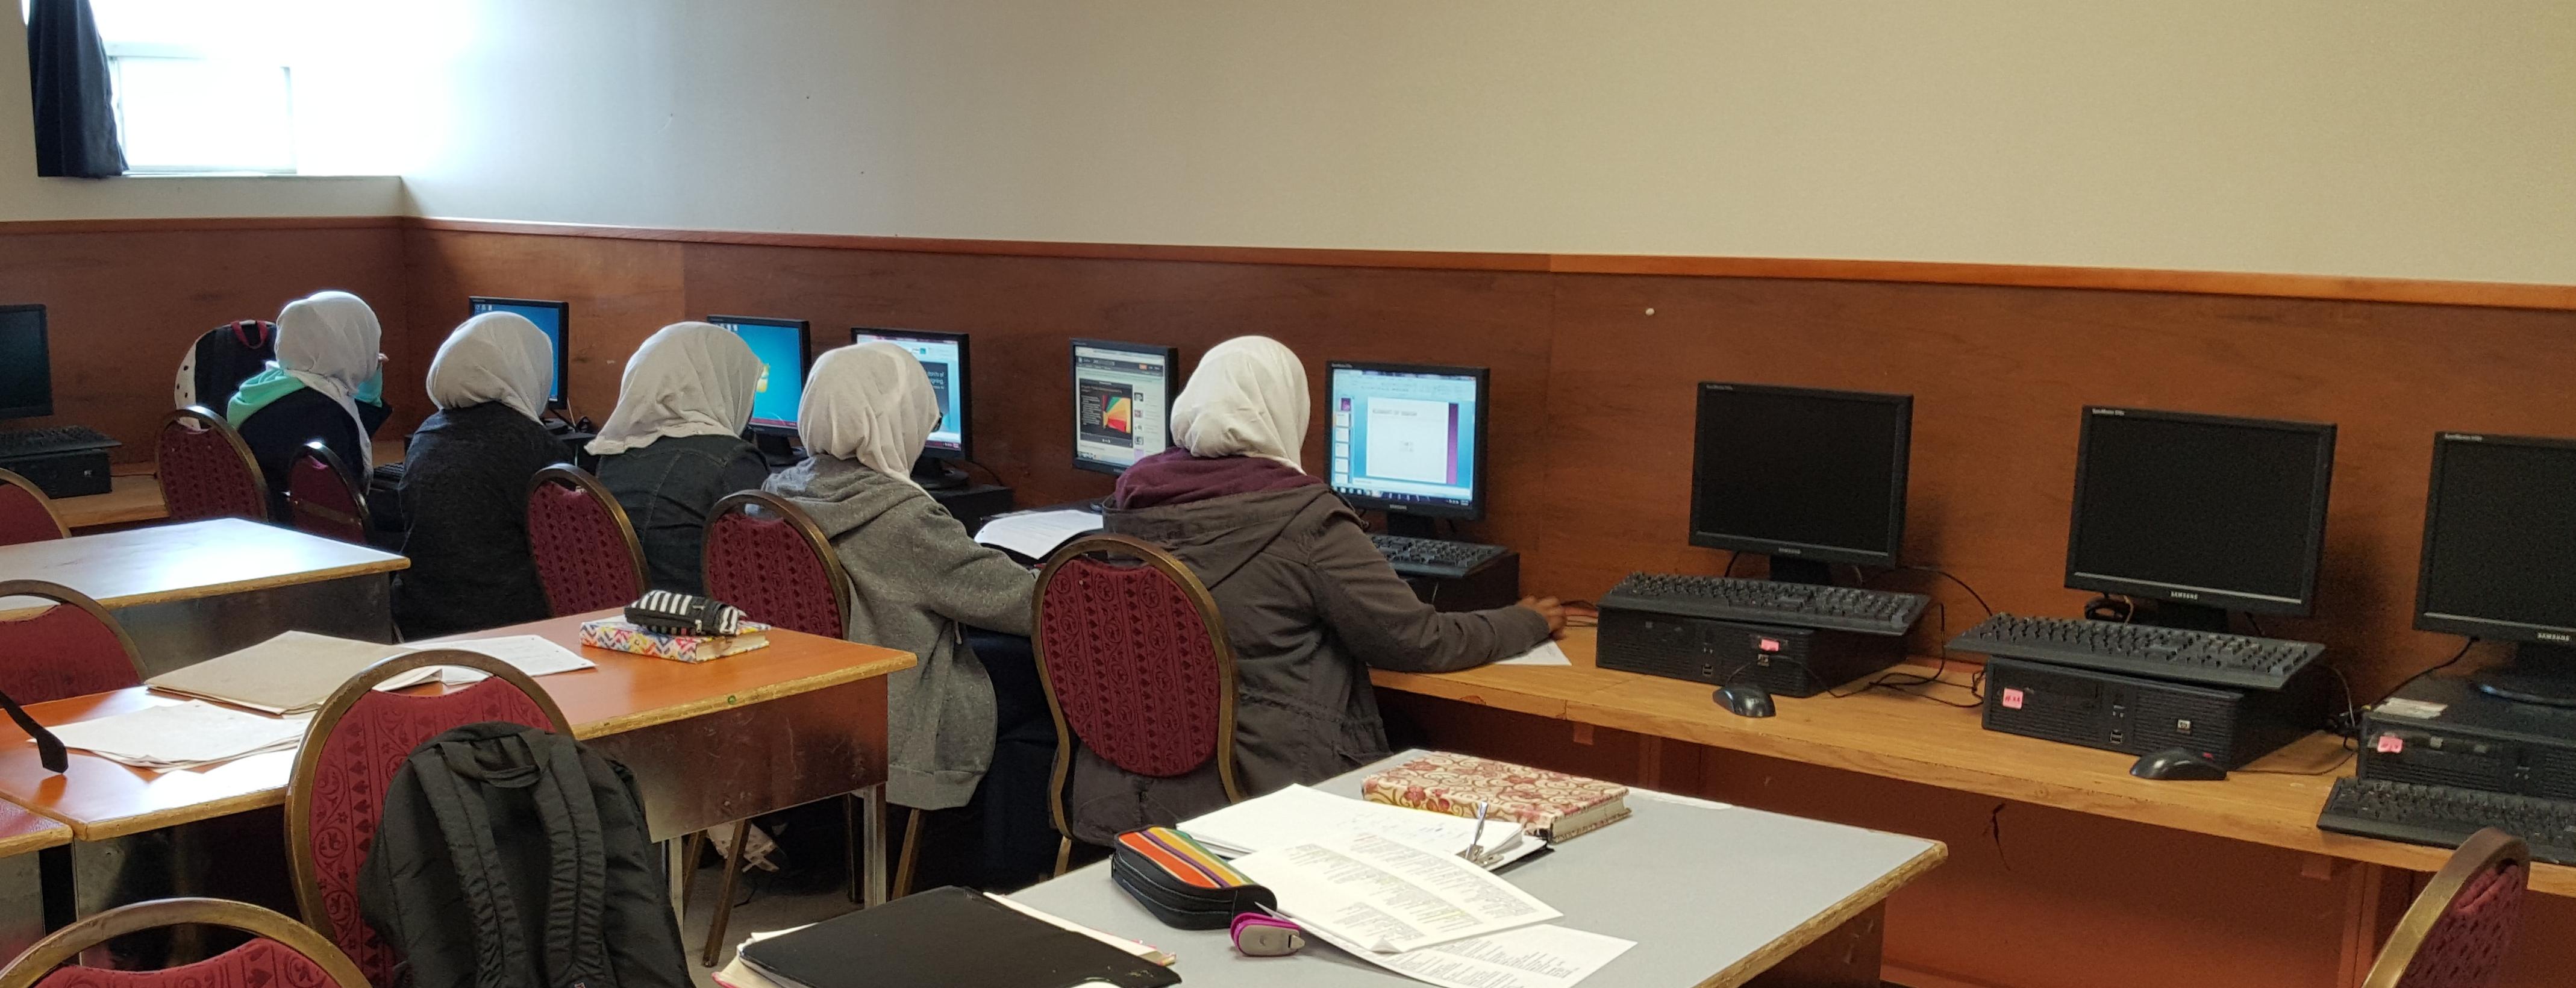 Computer Lab (Second Floor)